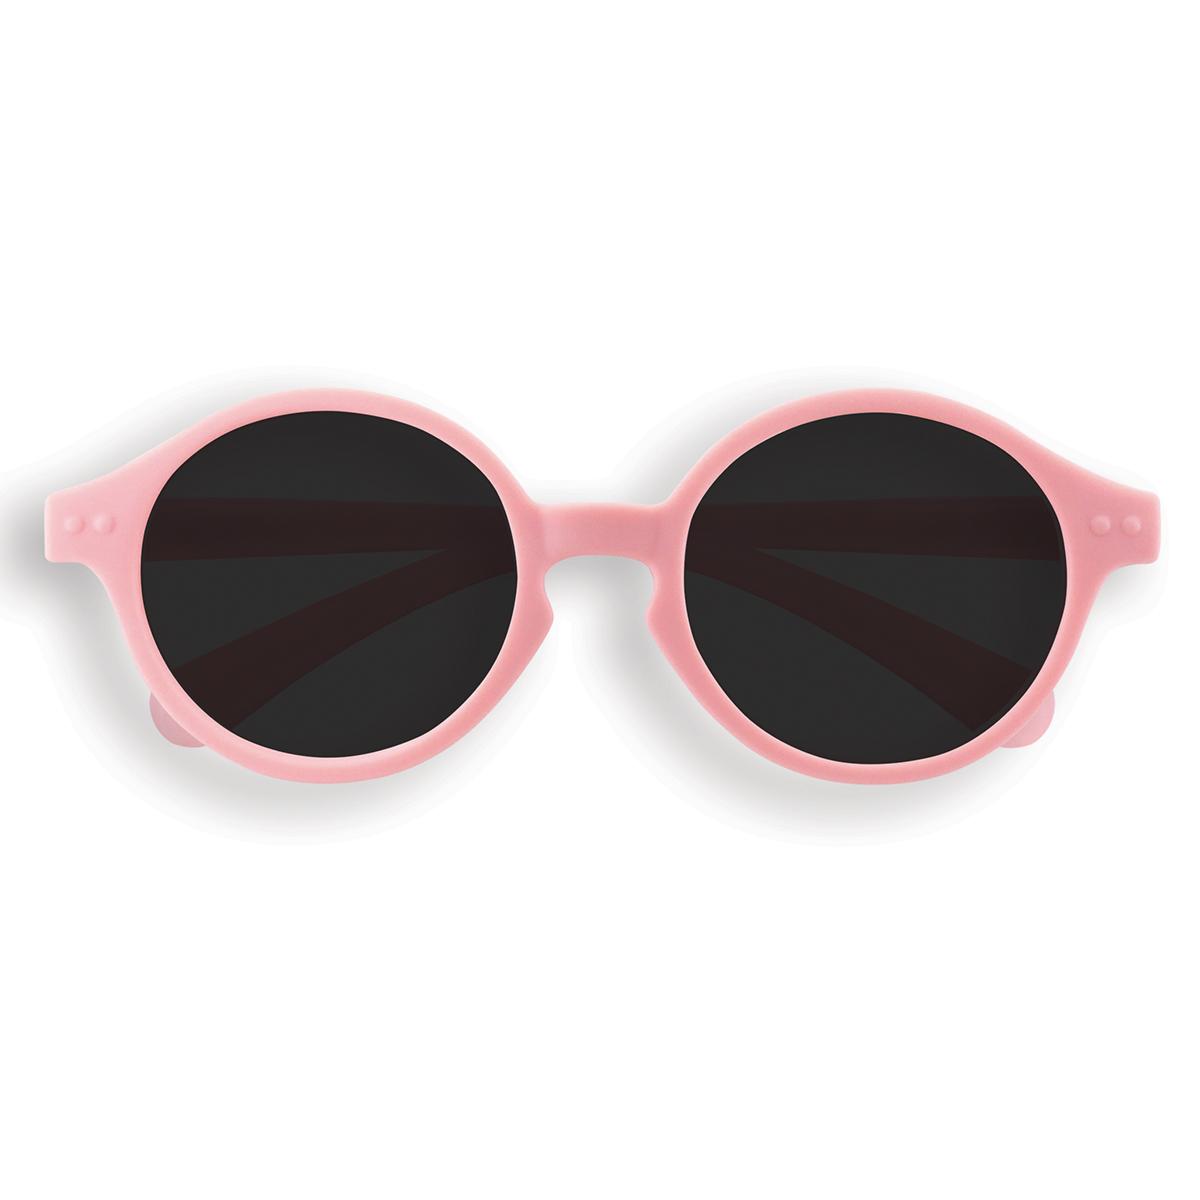 Accessoires bébé Lunettes de Soleil Sun Kids 12/36 Mois - Pastel Pink Lunettes de Soleil Sun Kids 12/36 Mois - Pastel Pink